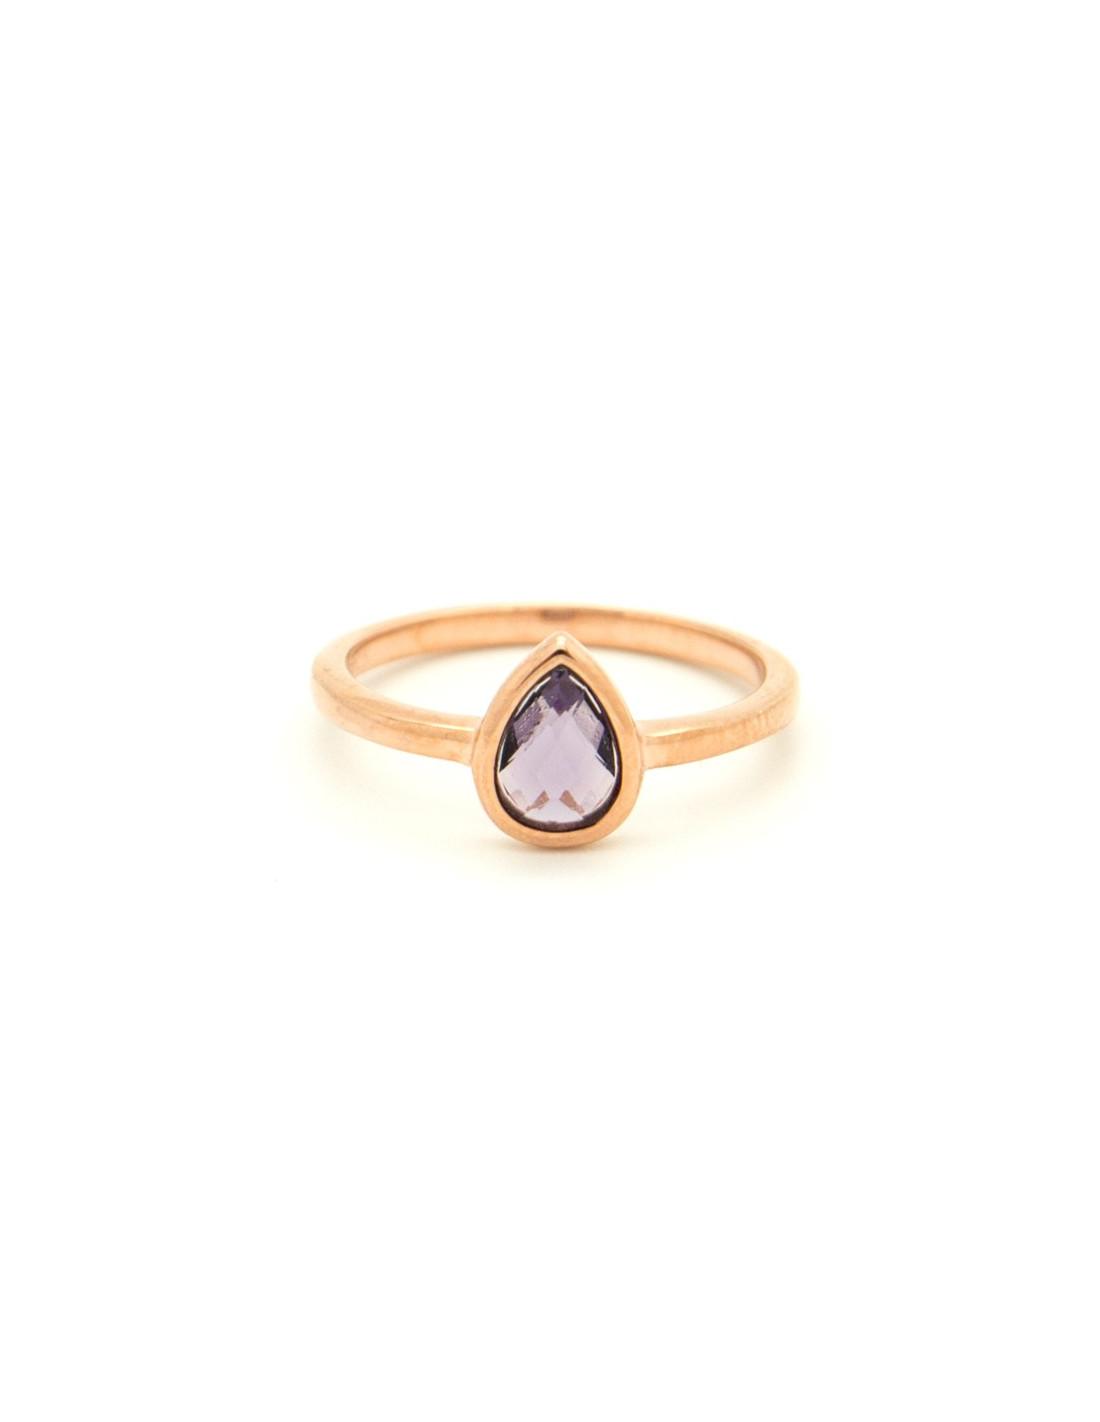 Δαχτυλίδι ασημένιο ροζ επίχρυσο με μωβ ζιργκόν OVAL R20140658 da2d0d37bf2